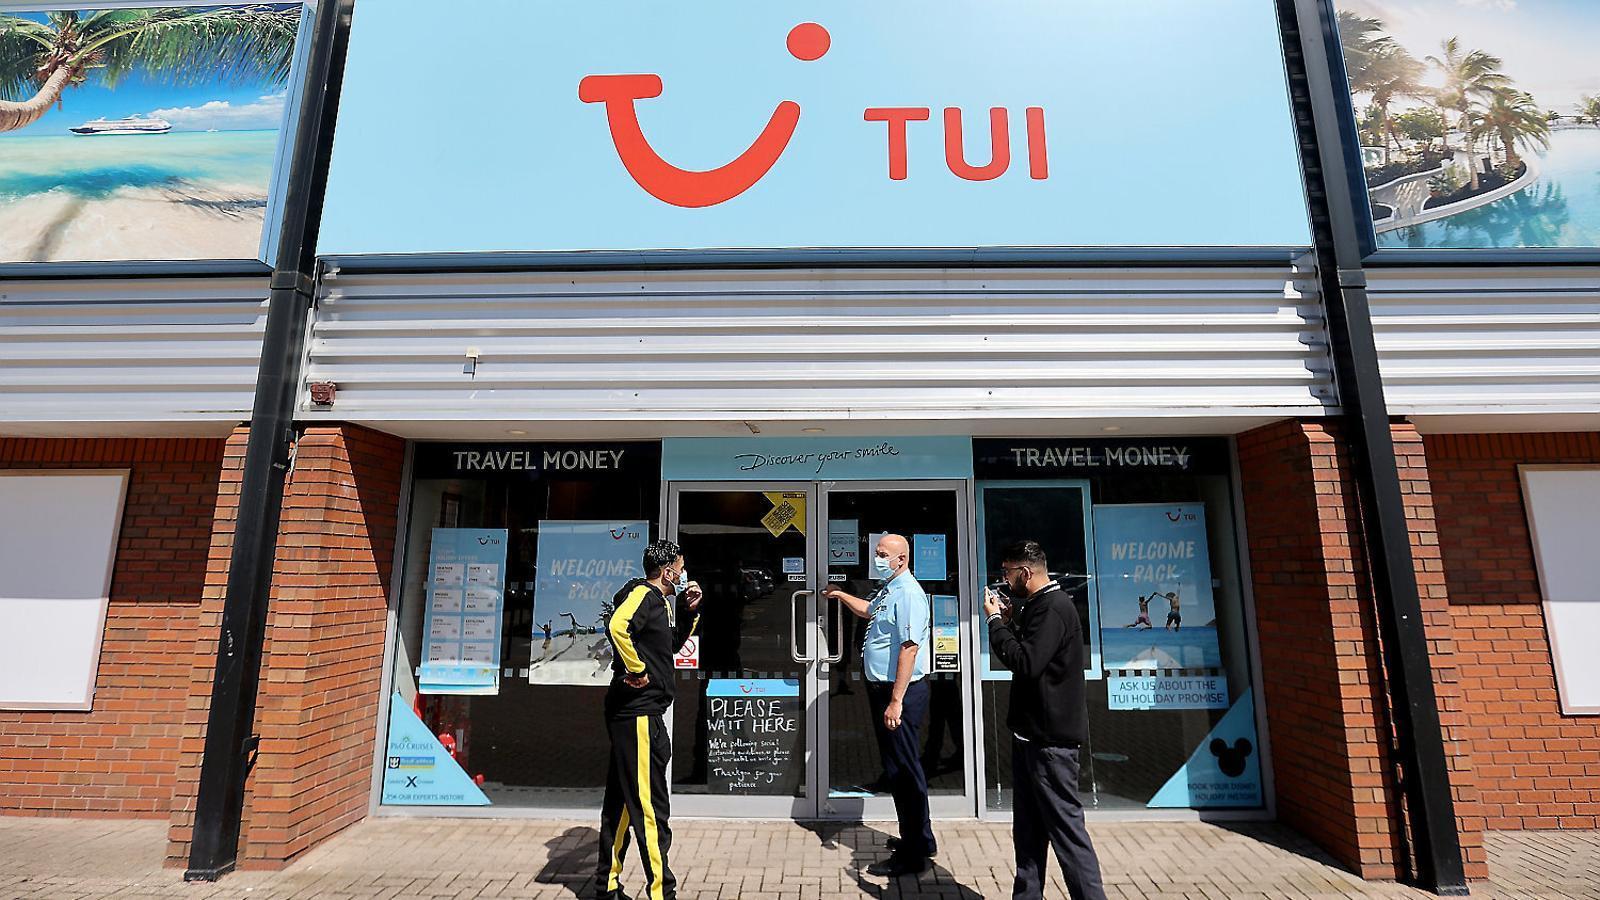 Unes oficines de TUI al Regne Unit en plena pandèmia.